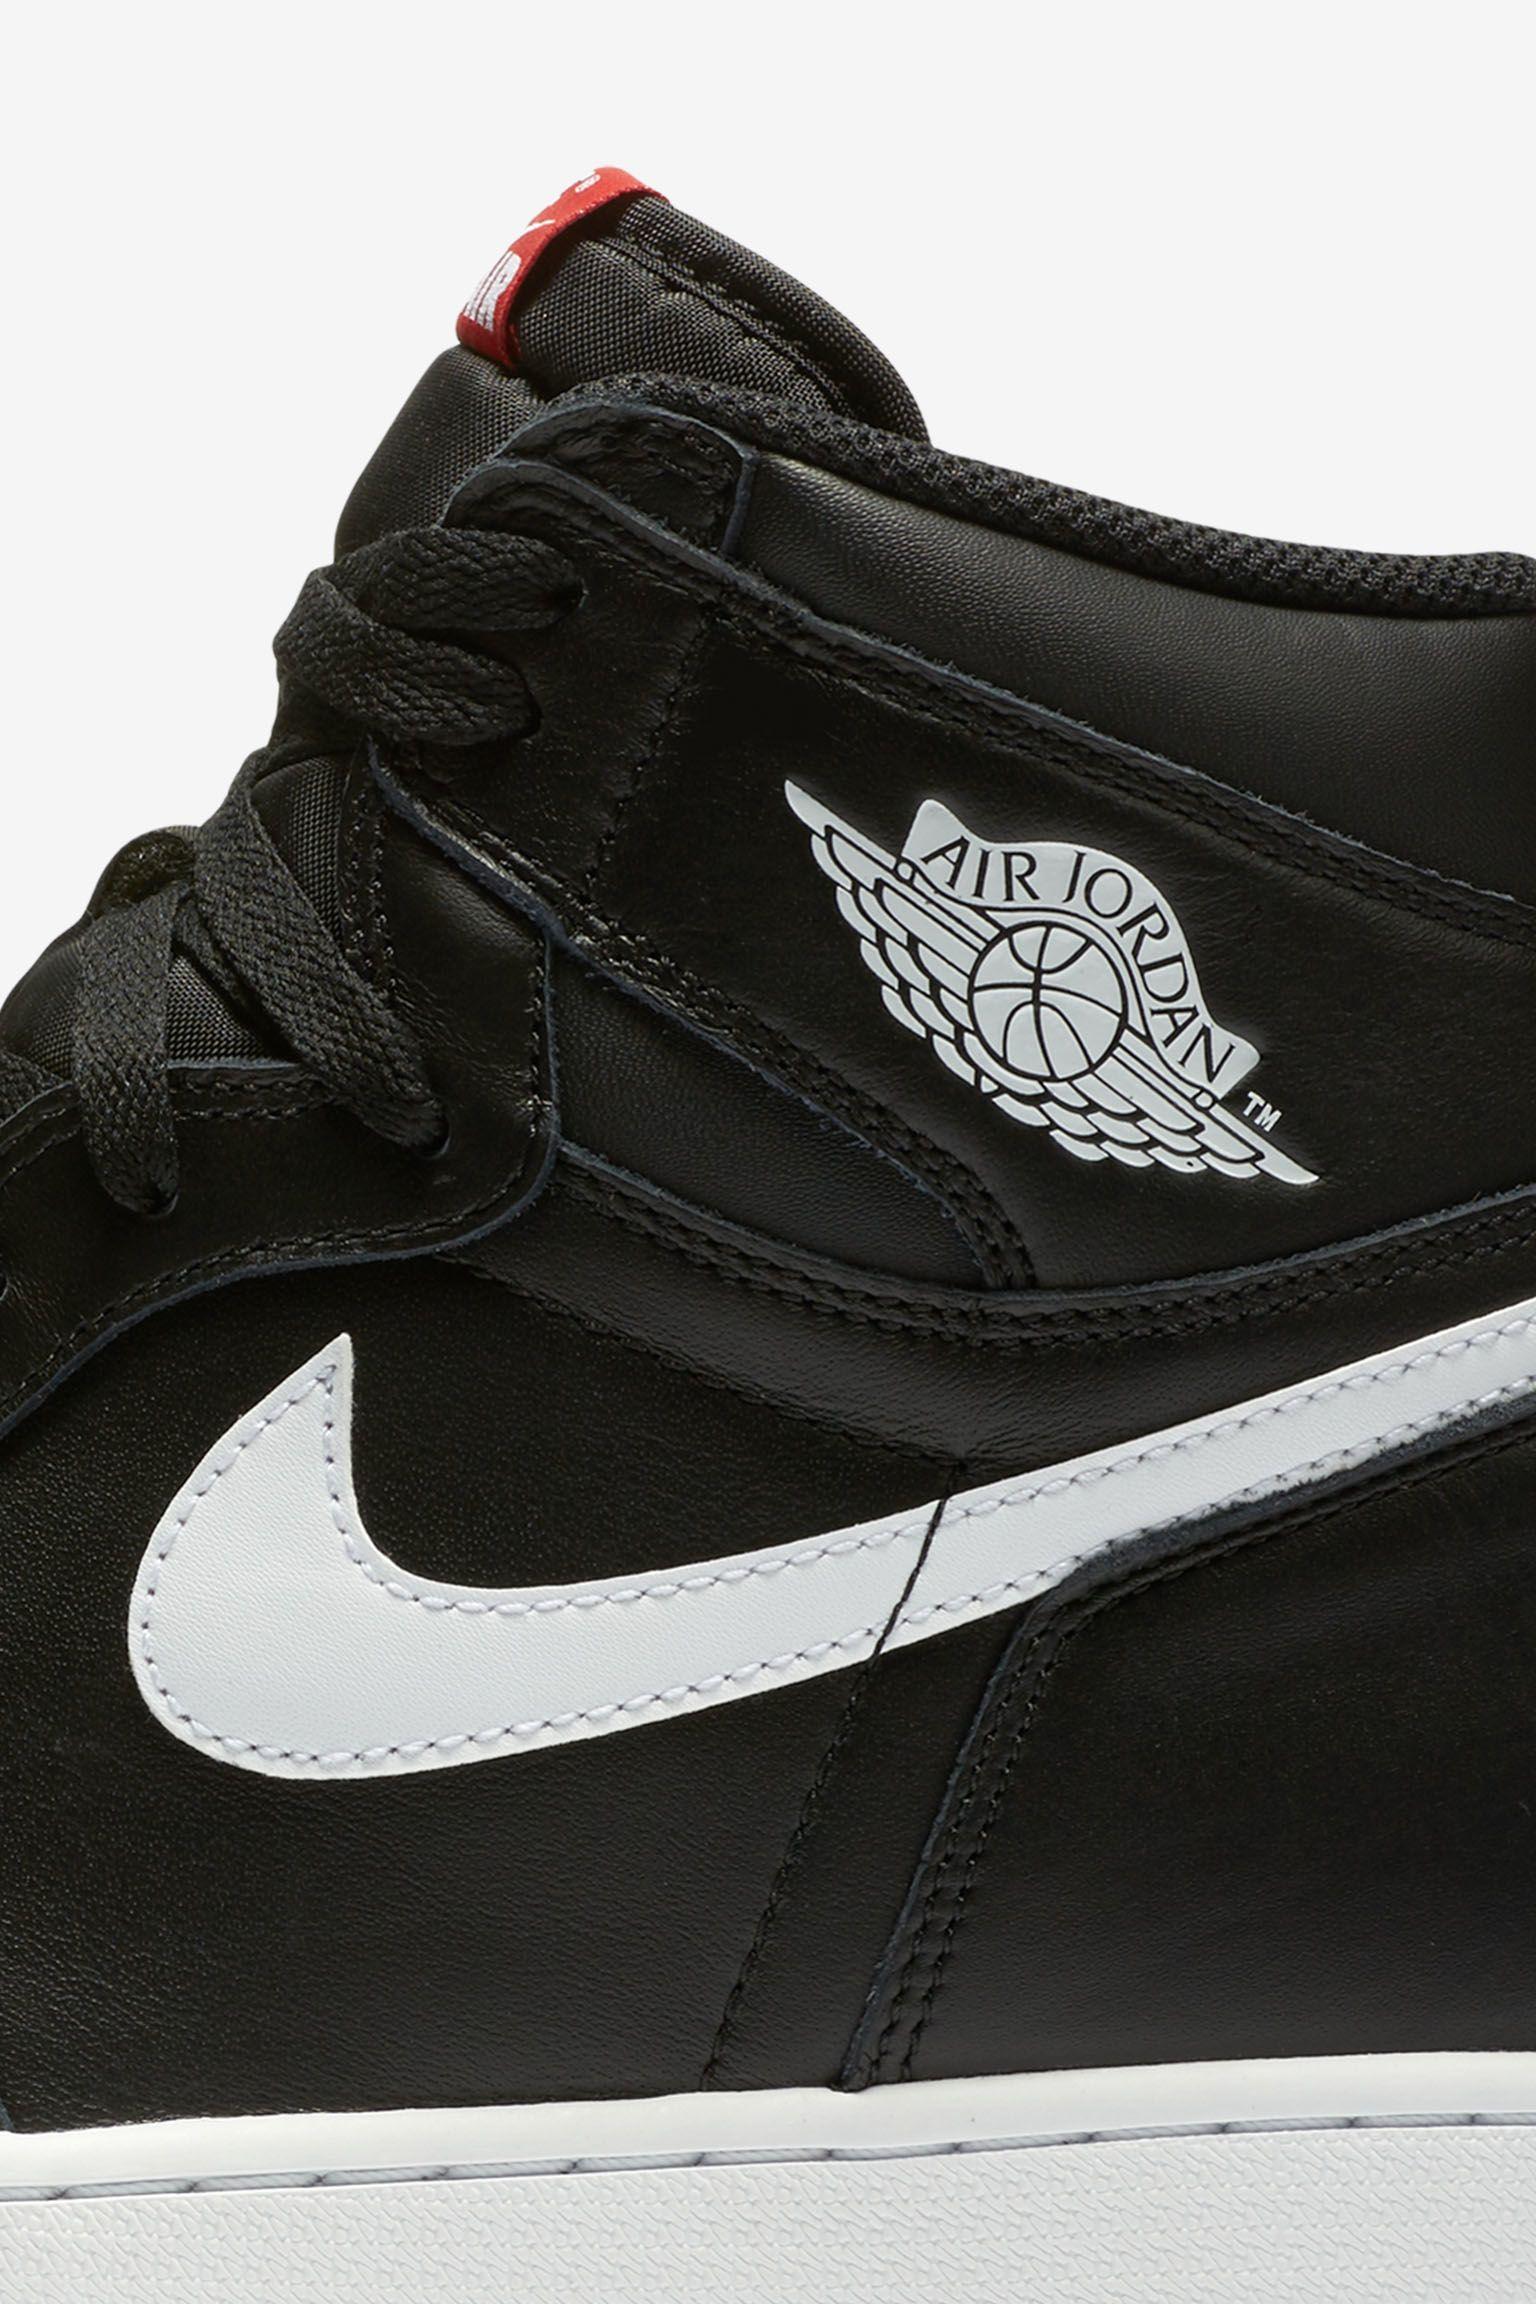 Air Jordan 1 Retro High OG  Black   White  Release Date. Nike+ SNKRS cff43728d99